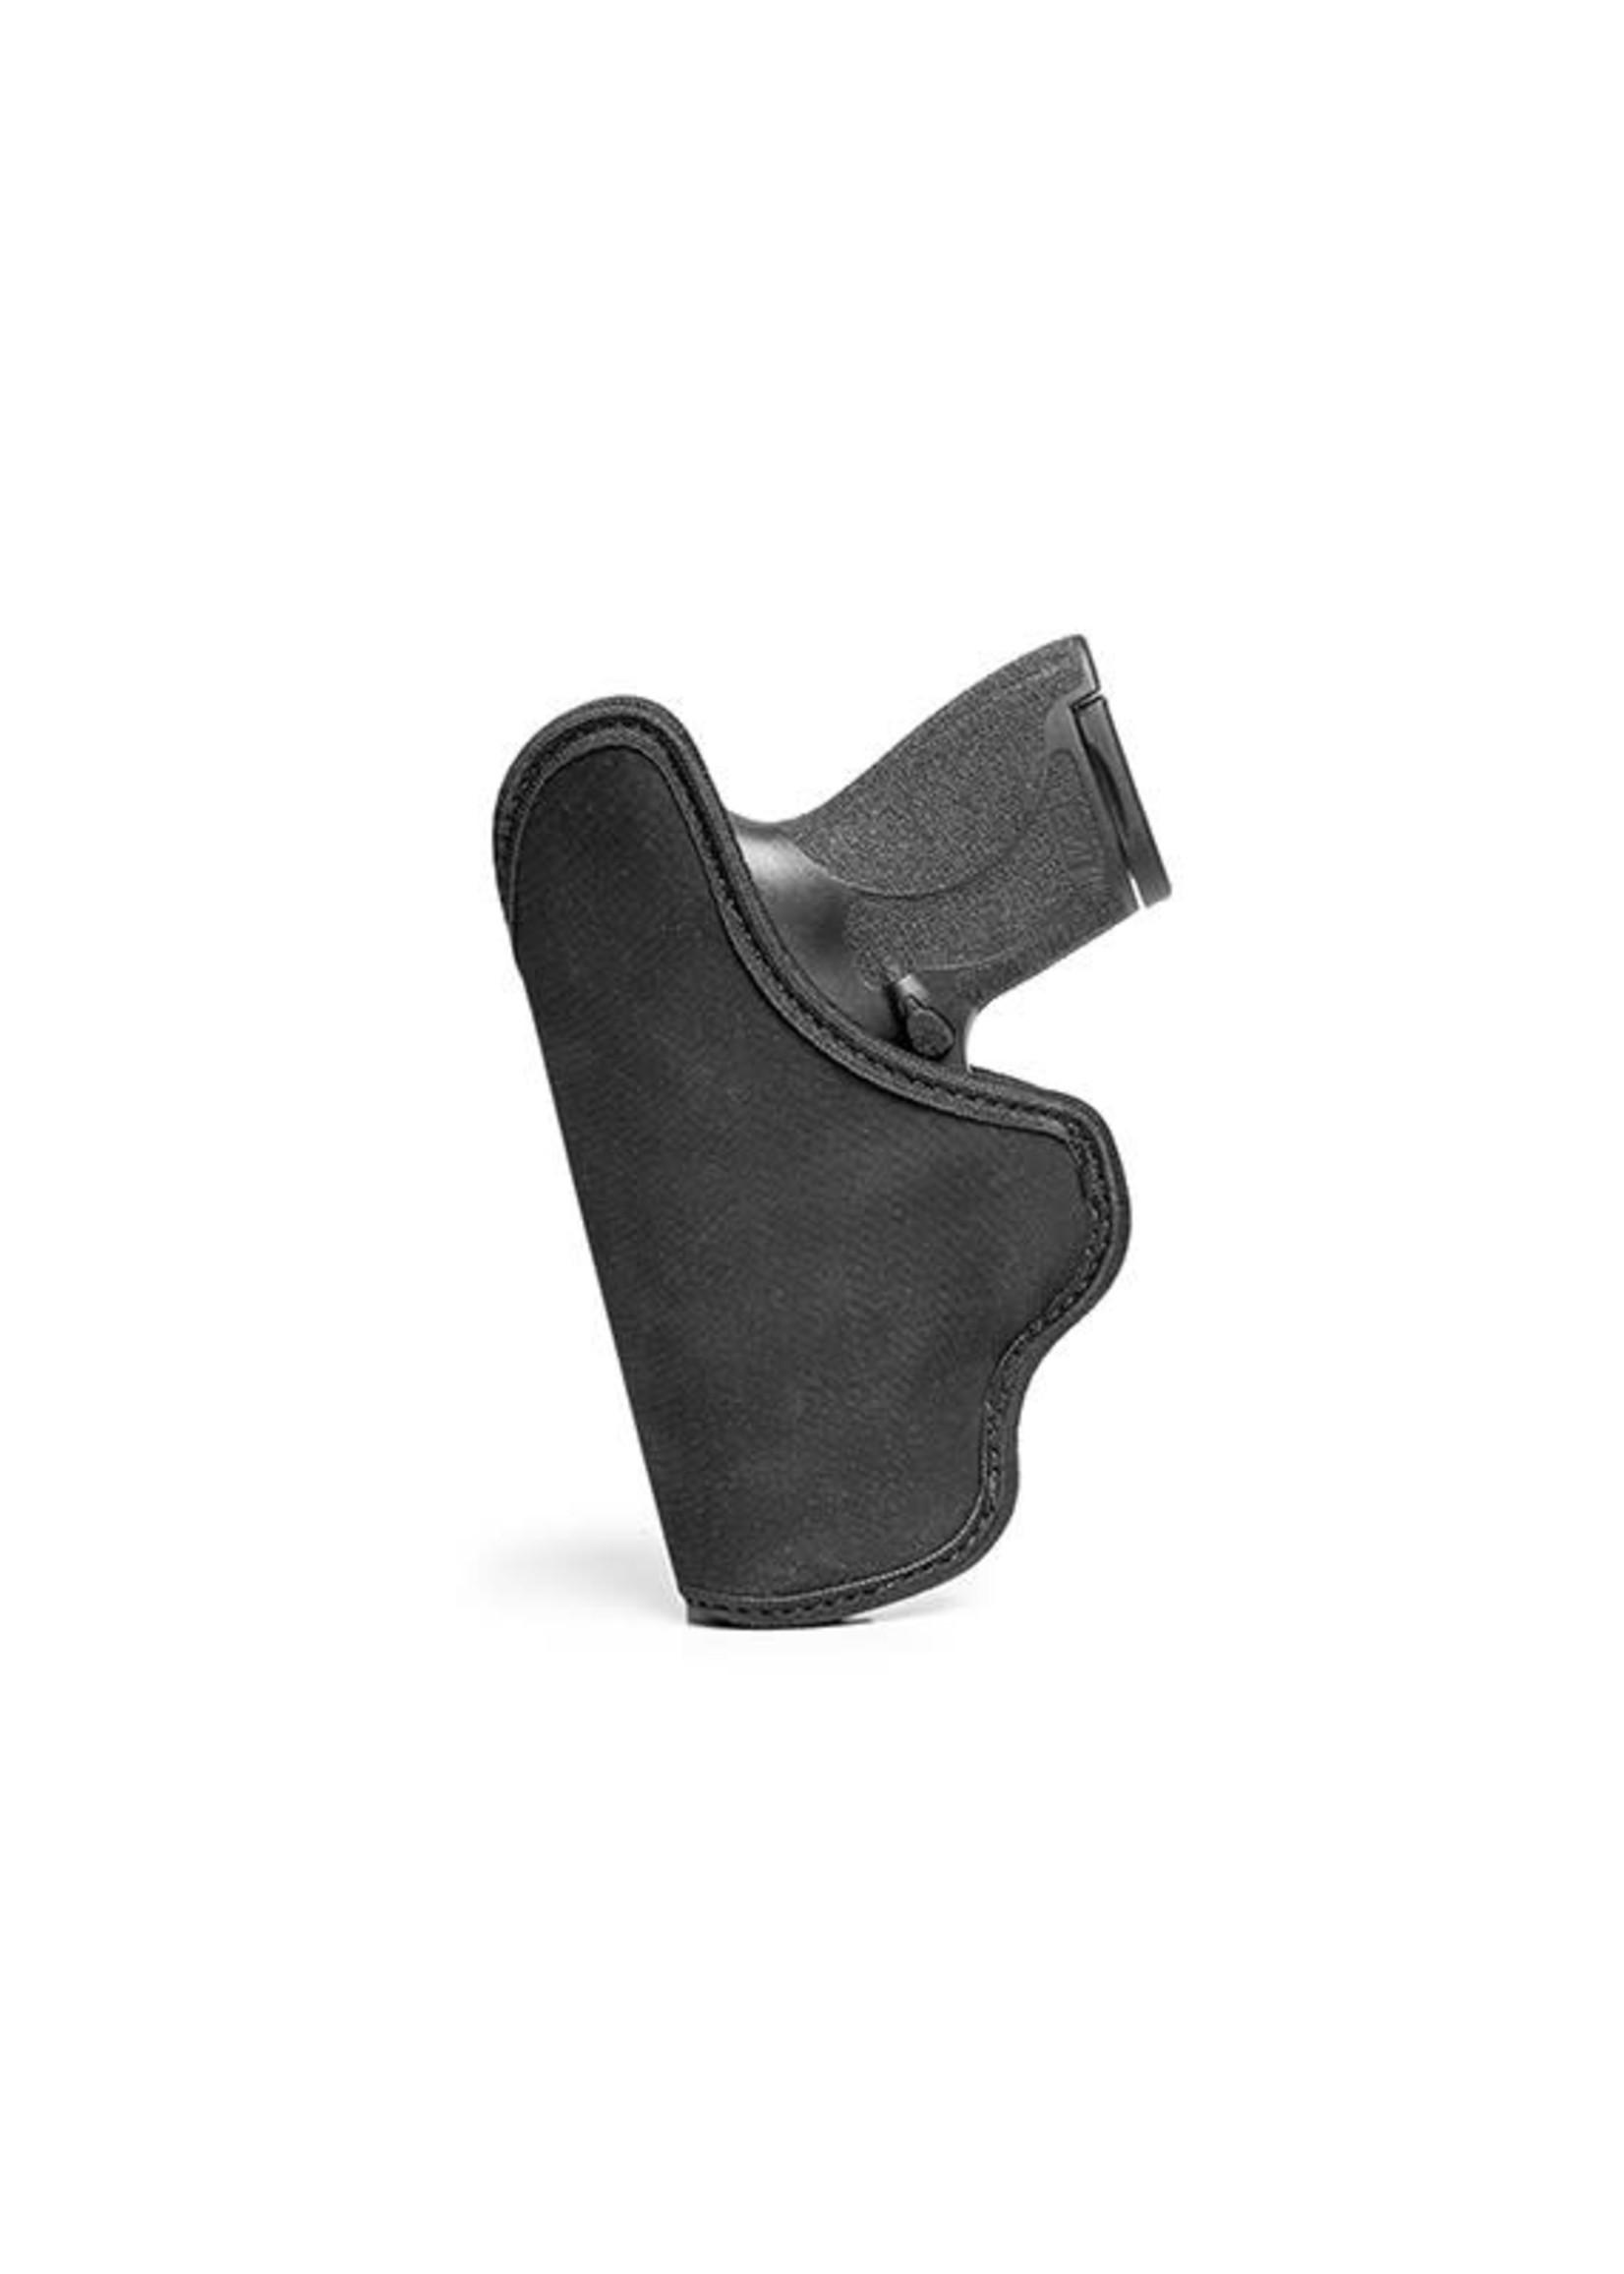 Alien Gear Holsters Alien Gear Grip Tuck Universal Holster - Compact, RH, Single Stack